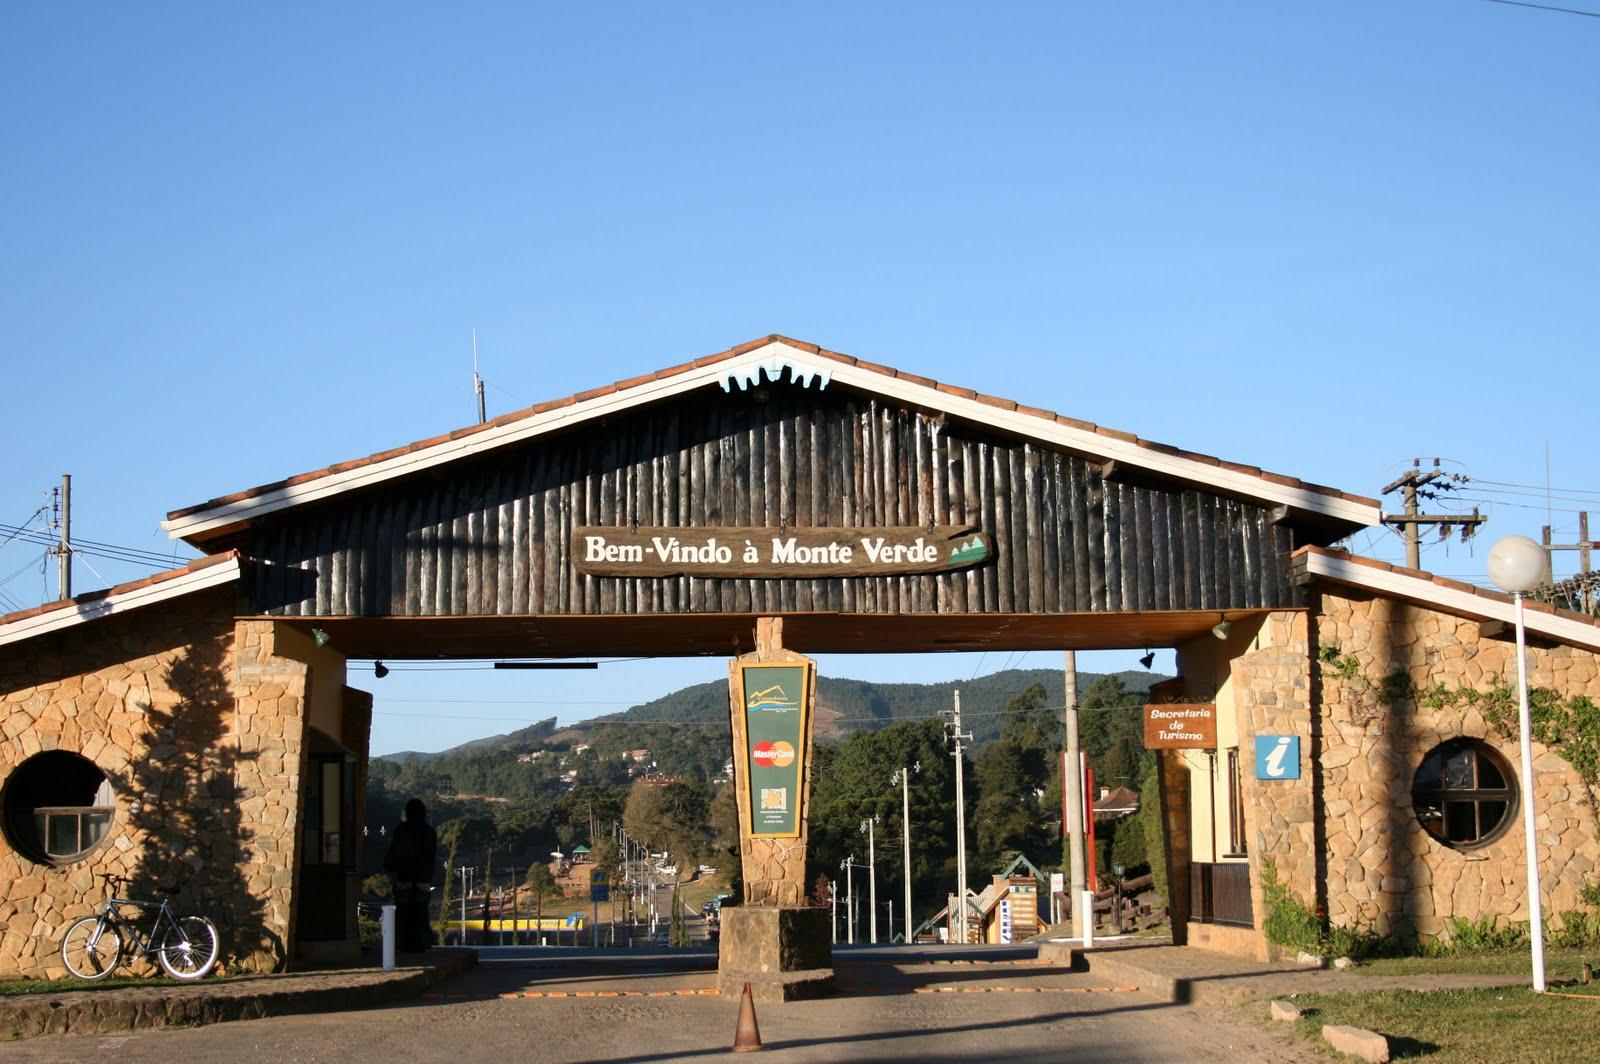 Monte Verde, passeio e gastronomia na serra